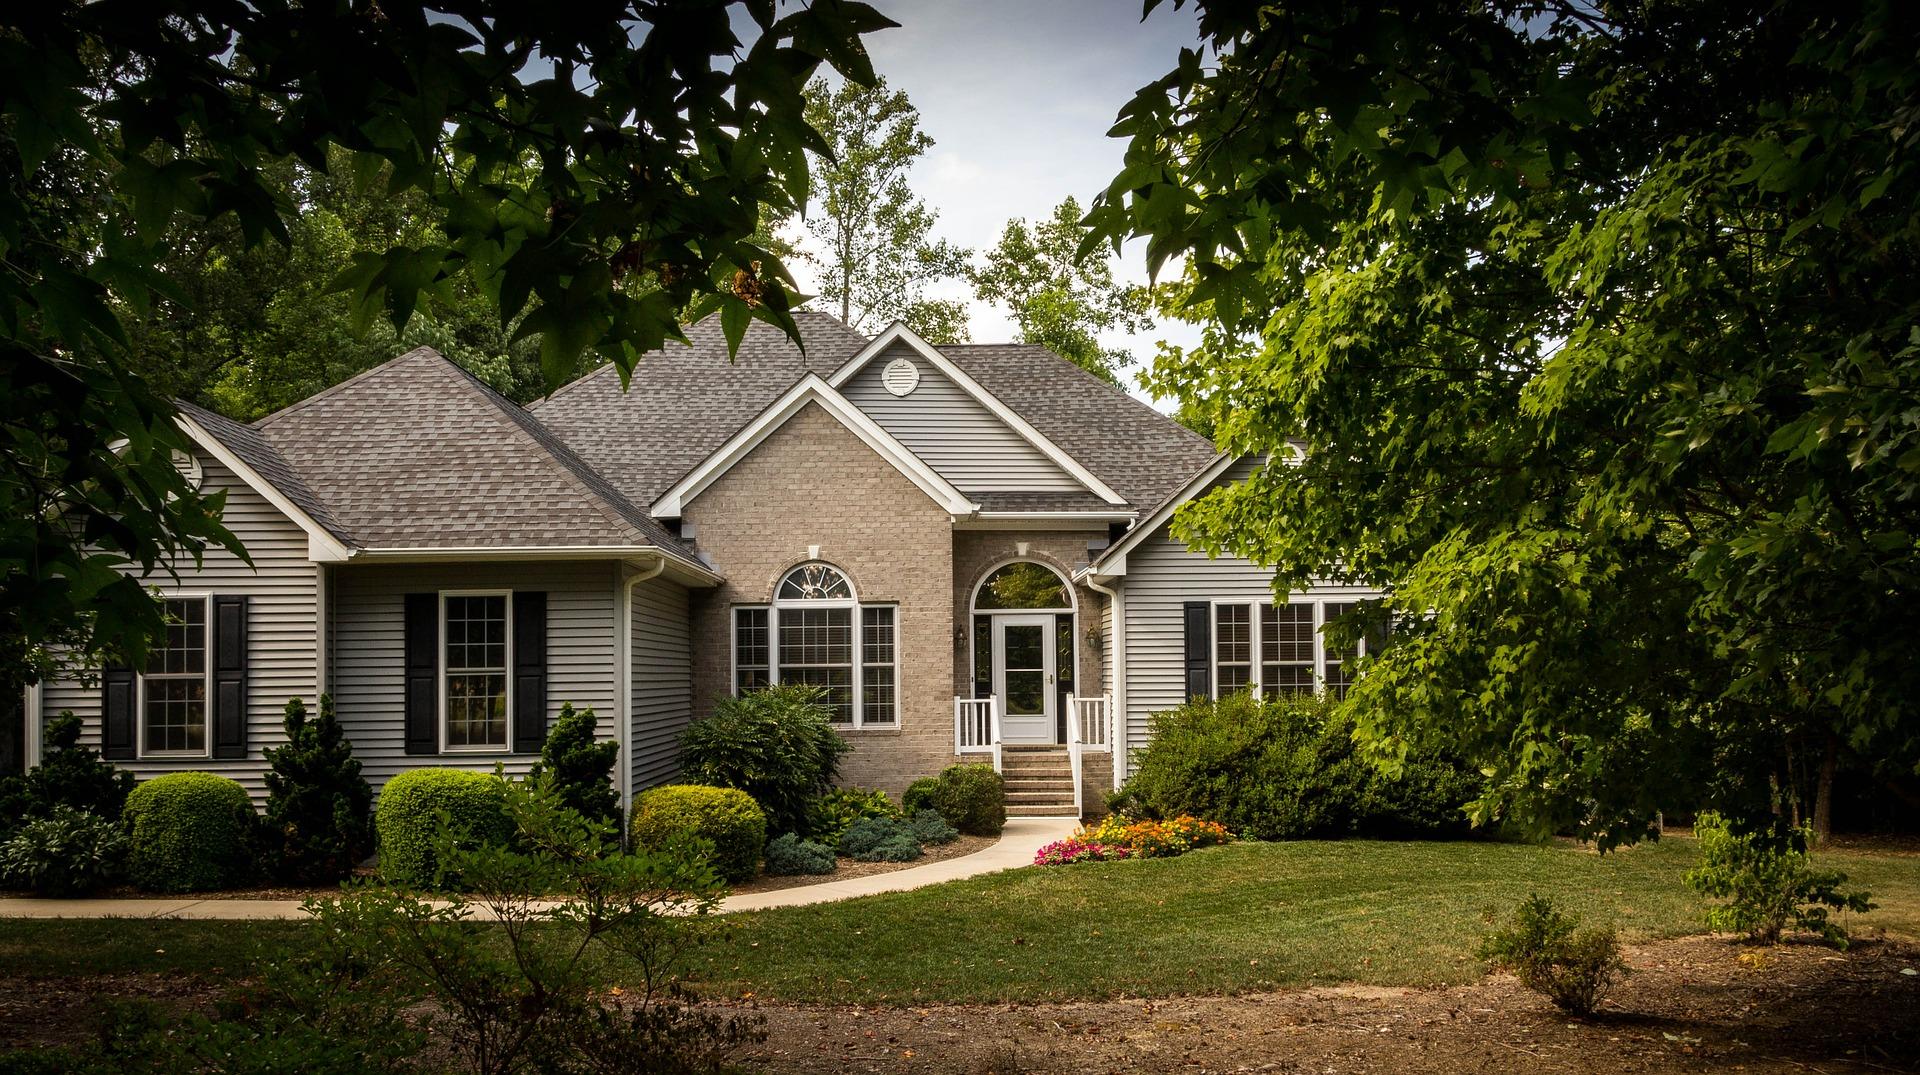 house-409451_1920.jpg